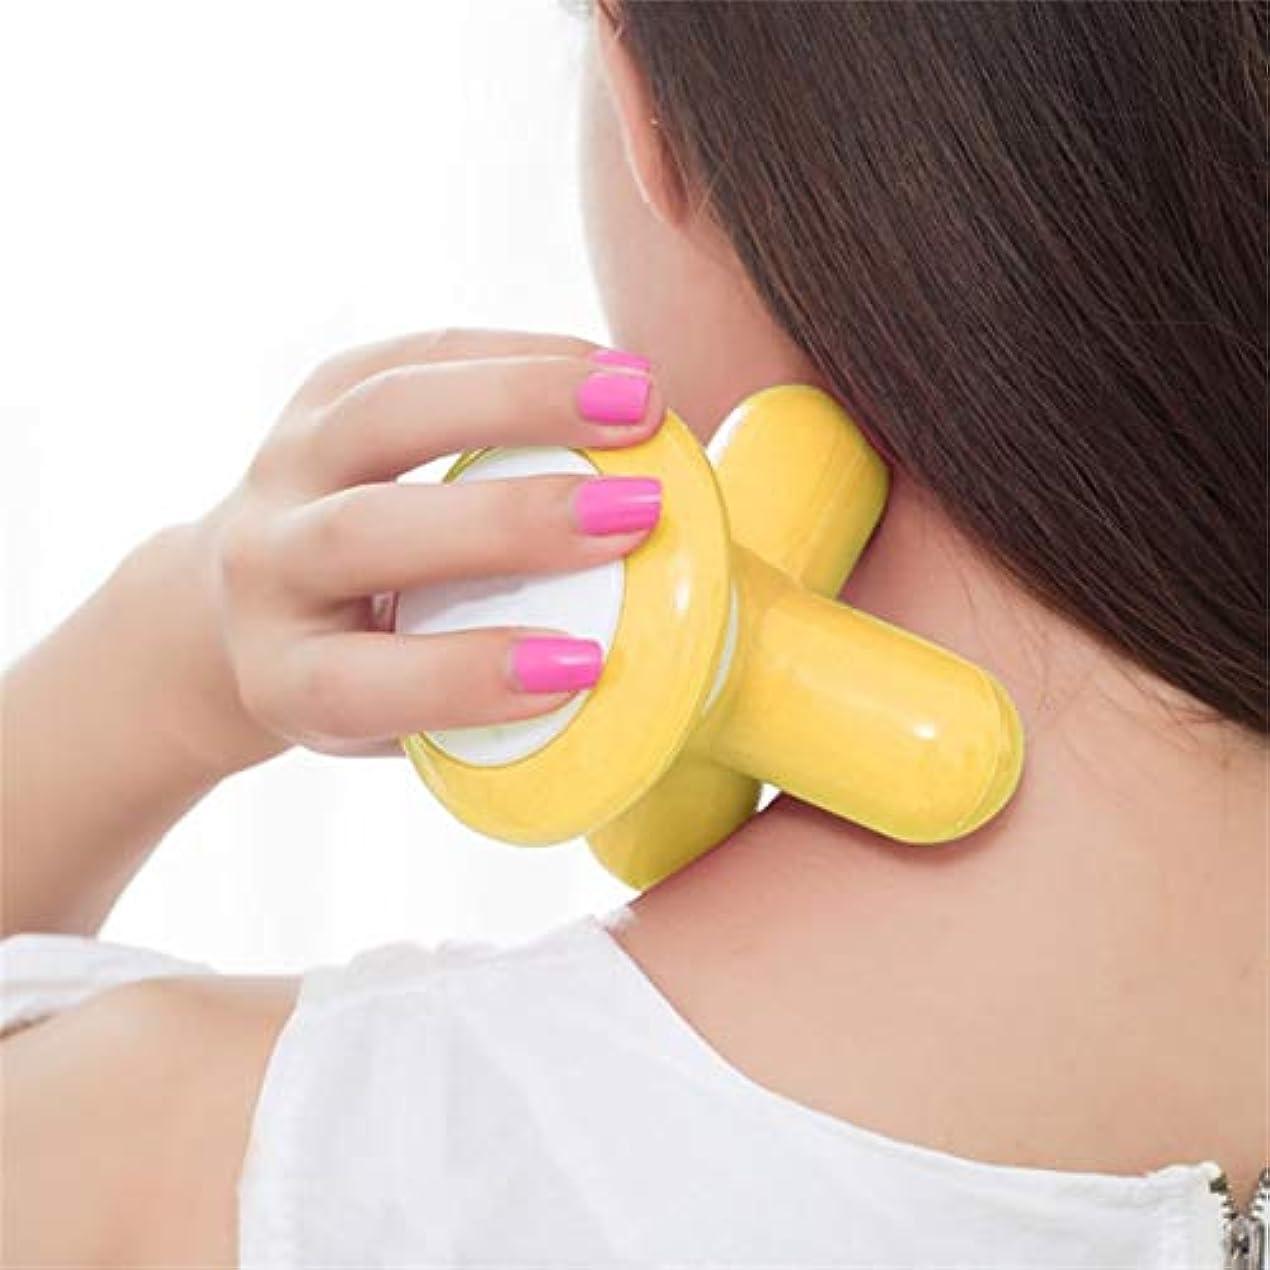 アシュリータファーマン資金グローバルMini Electric Handled Wave Vibrating Massager USB Battery Full Body Massage Ultra-compact Lightweight Convenient for Carrying